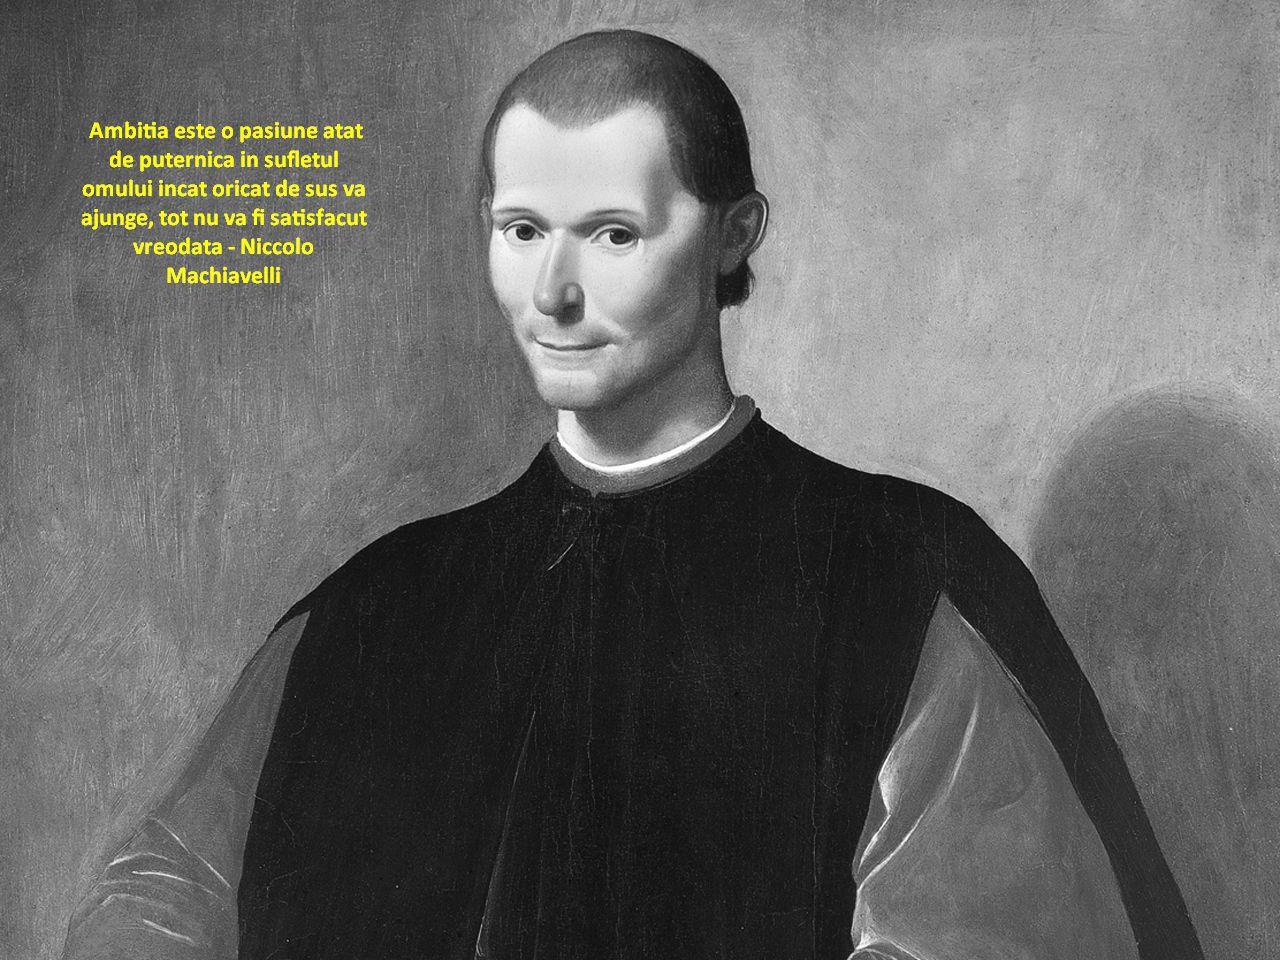 Ambitia este o pasiune atat de puternica in sufletul omului incat oricat de sus va ajunge, tot nu va fi satisfacut vreodata – Niccolo Machiavelli